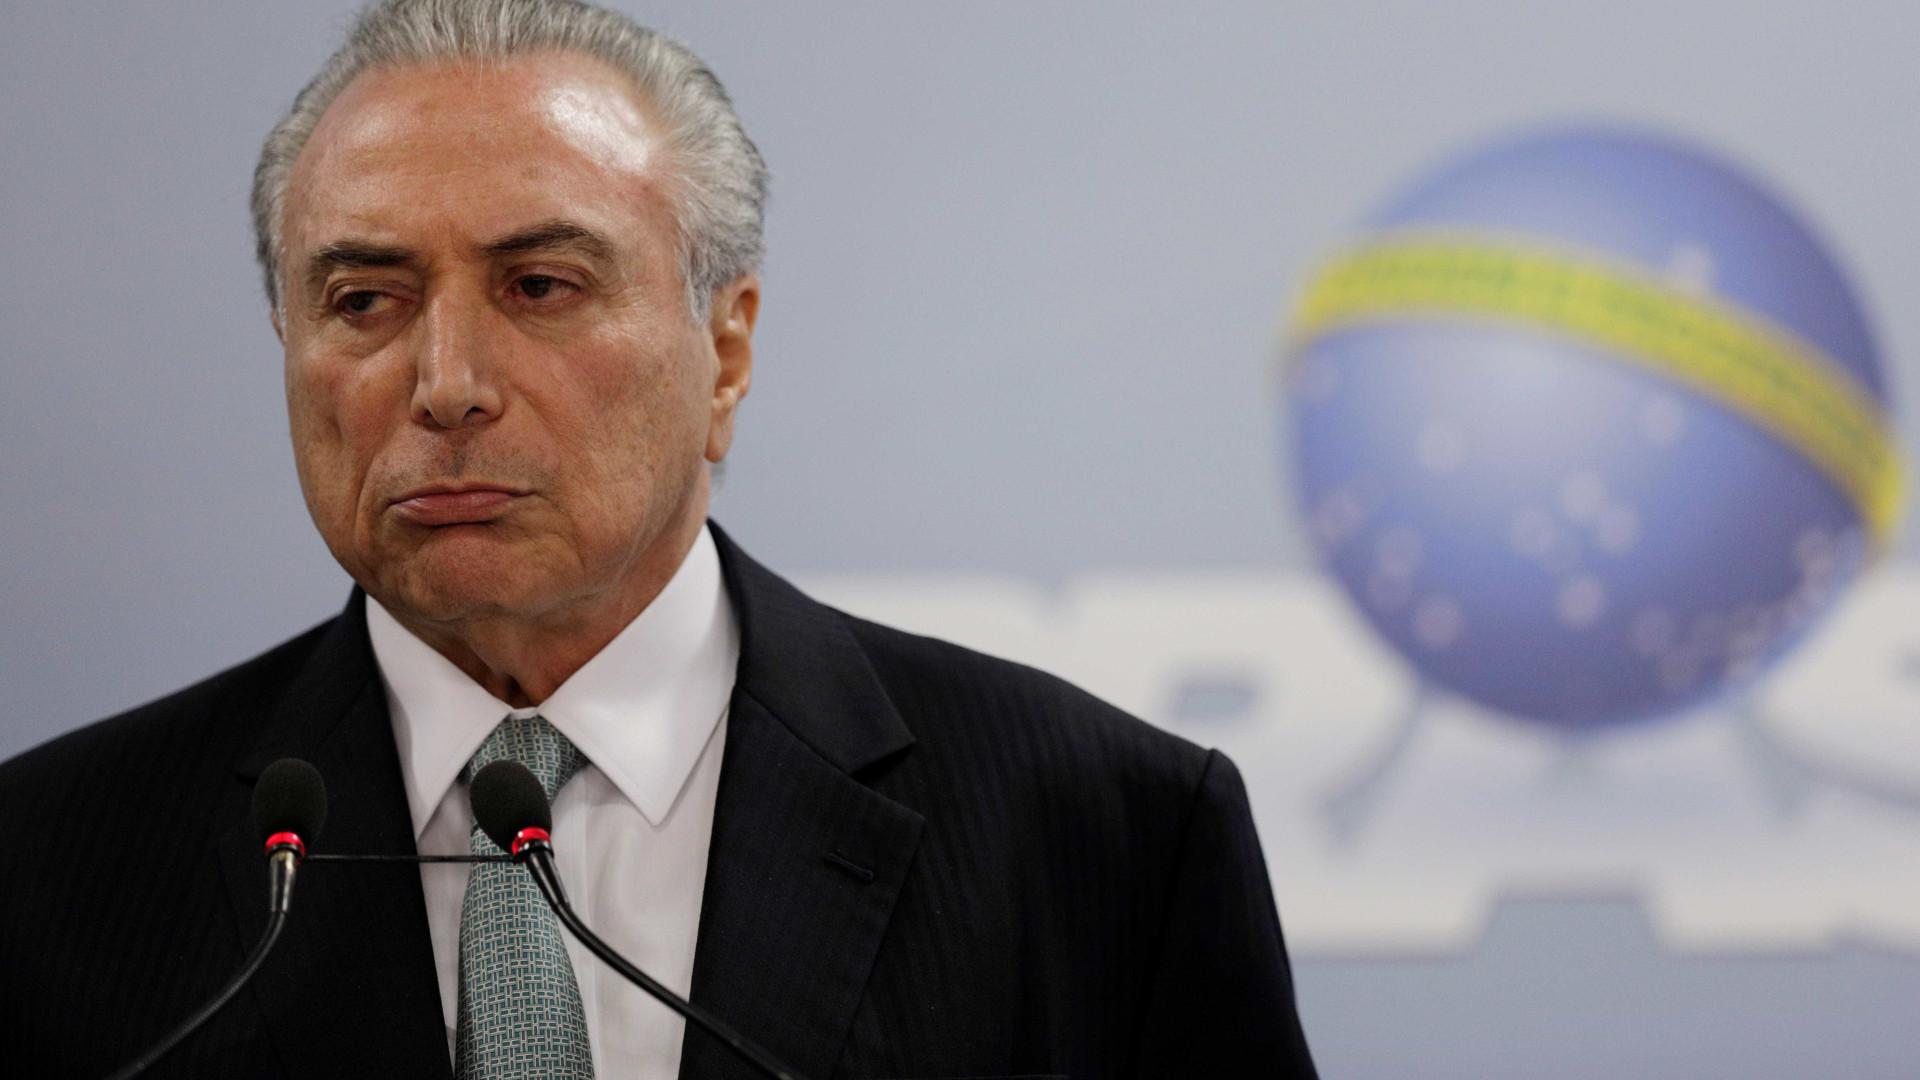 Supremo brasileiro divulga conversa entre Temer e Joesley Batista